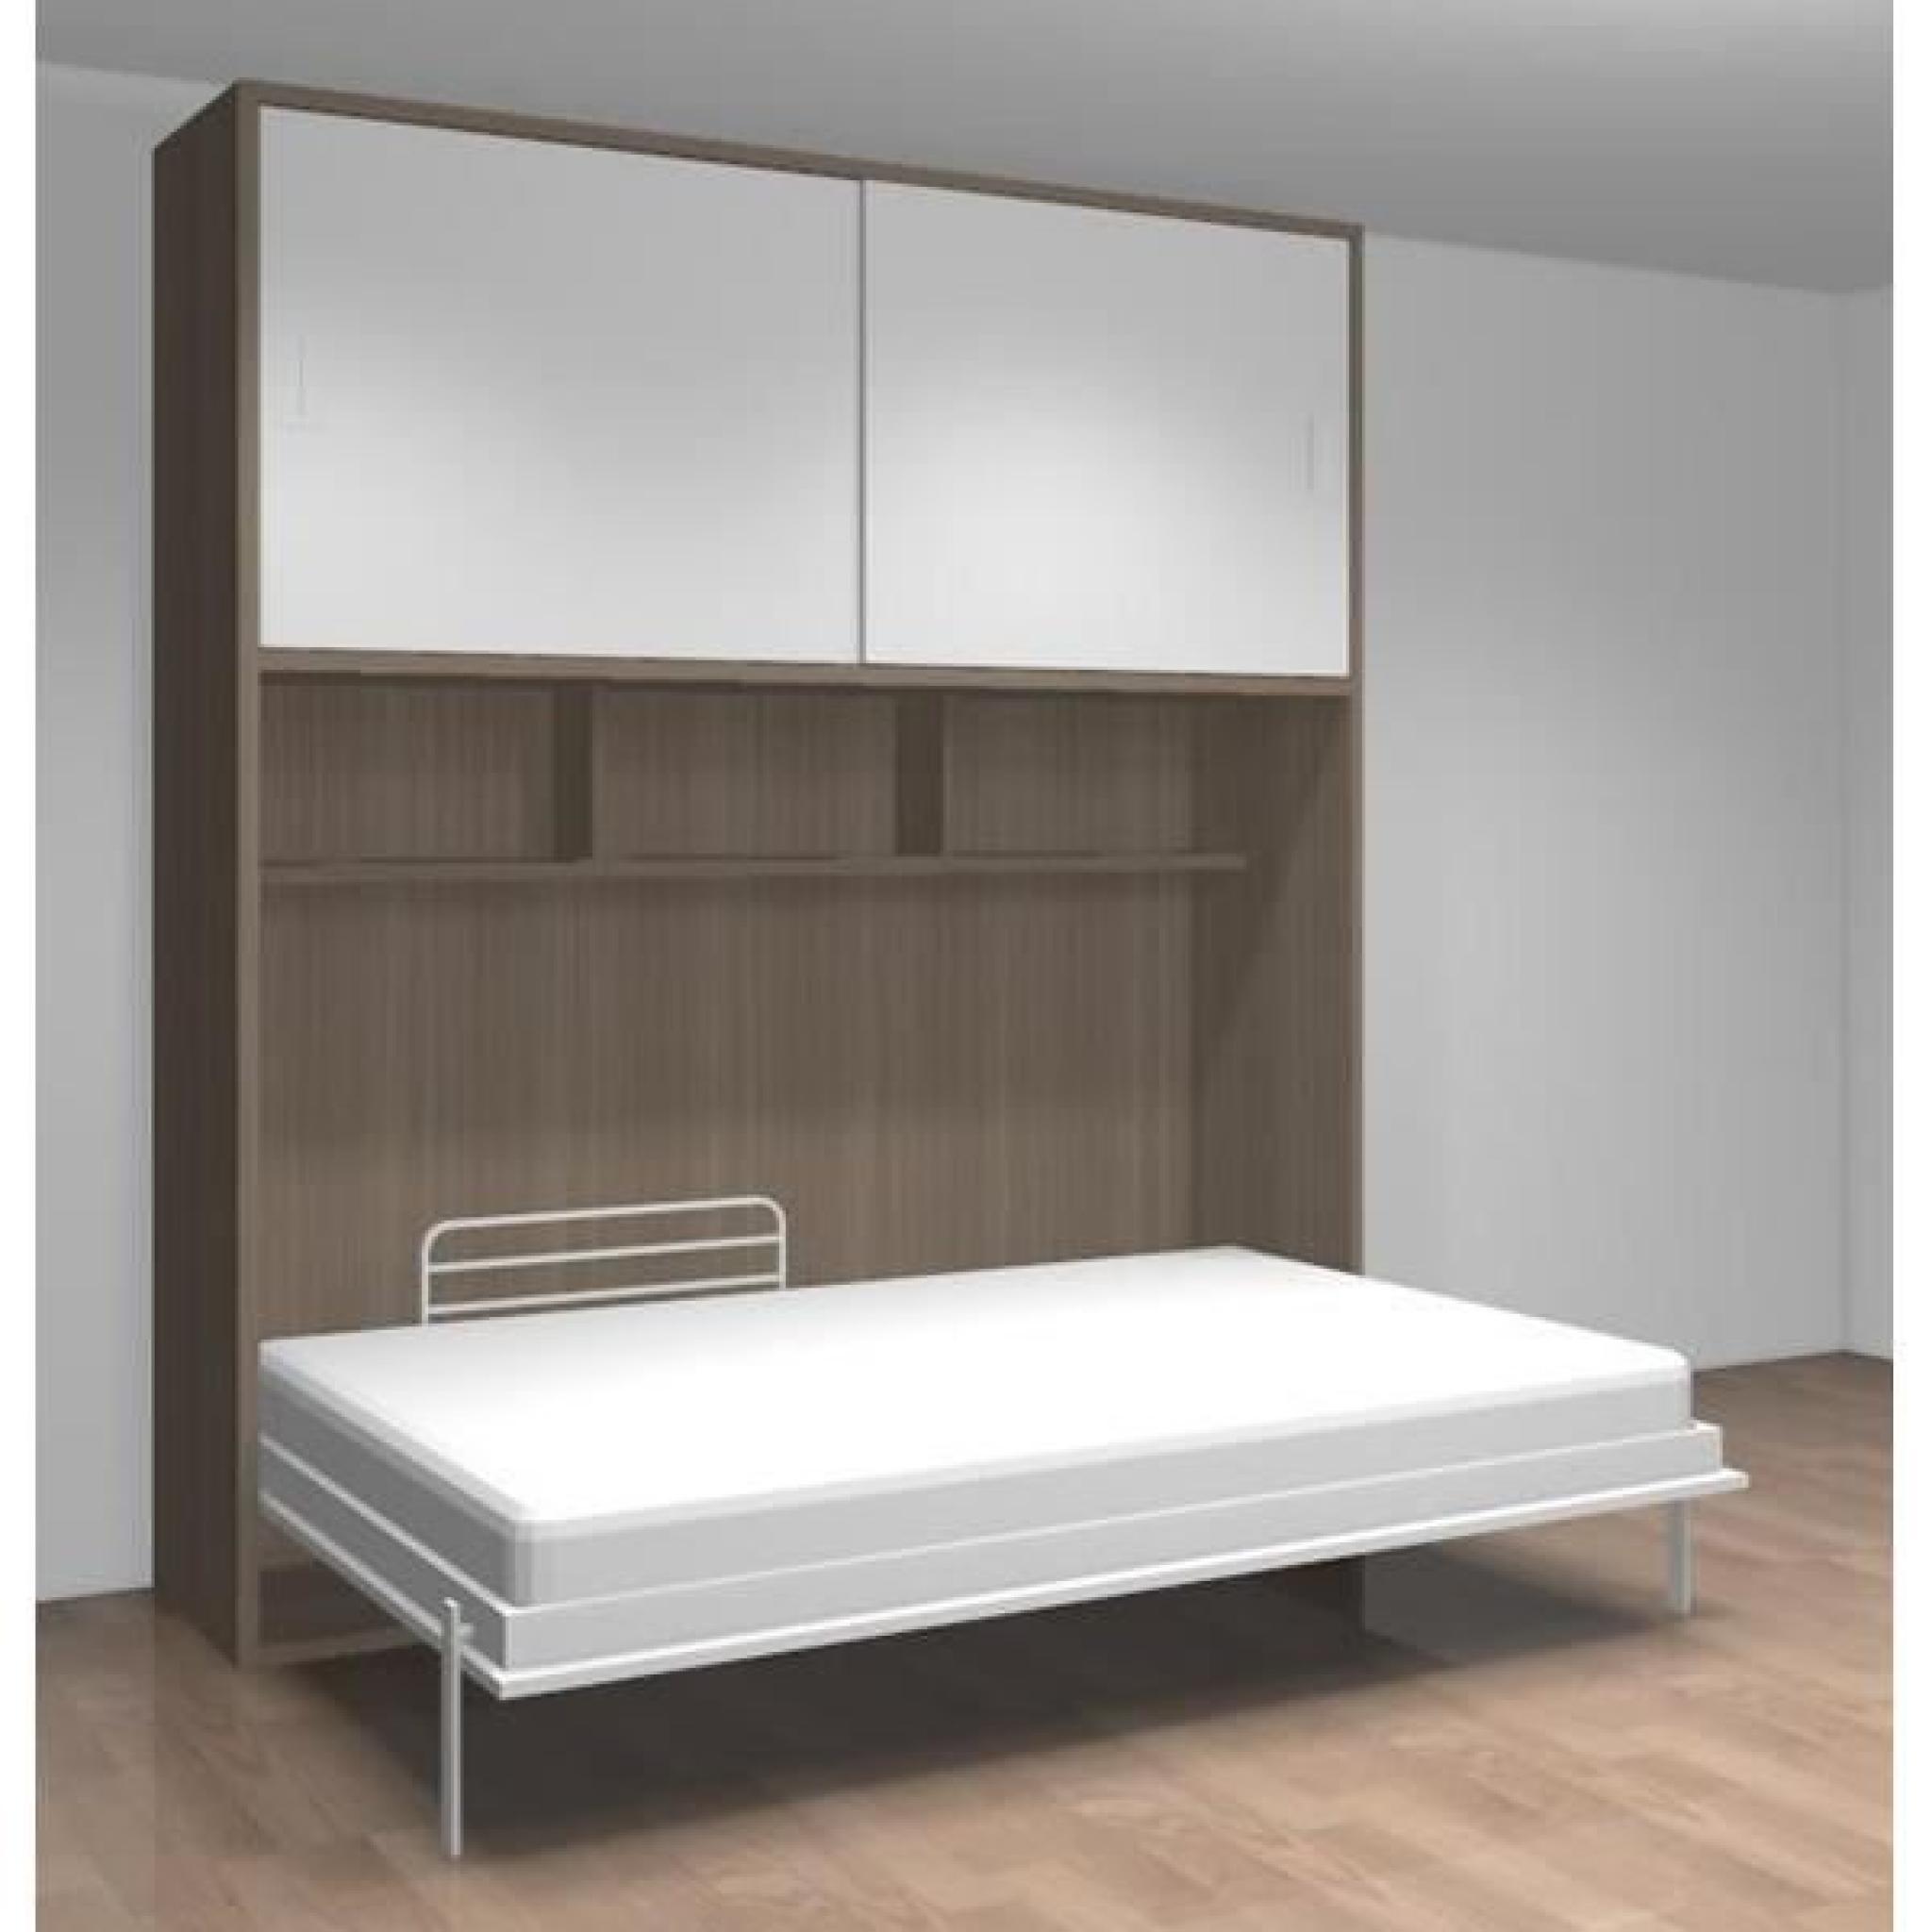 lit relevable étagères dressing teo 140x190 gris - achat/vente lit